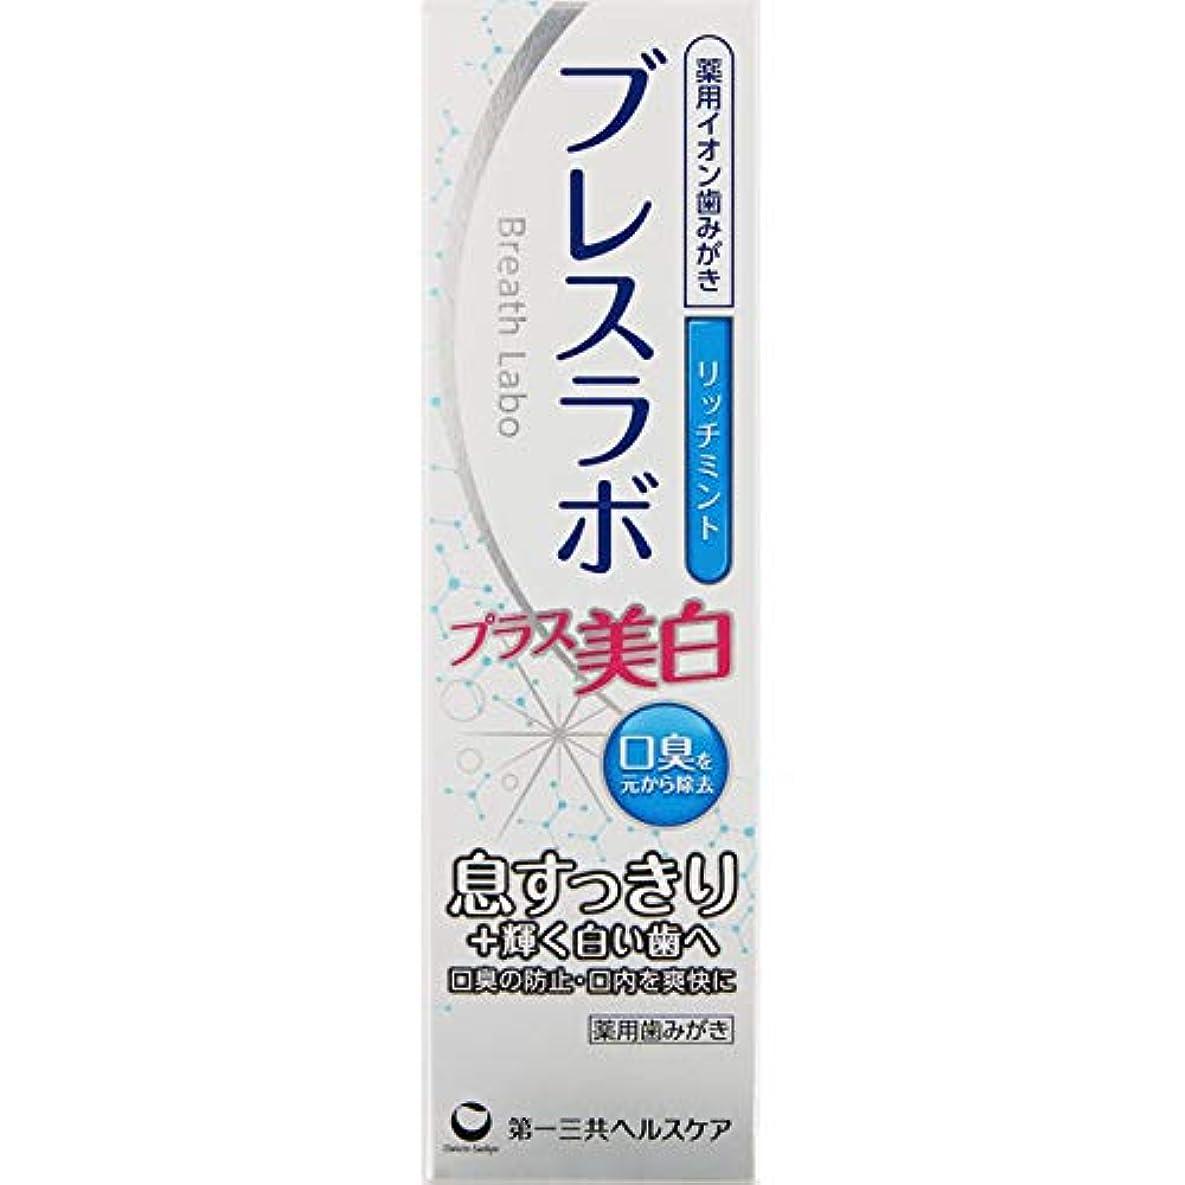 脅威私ハイキング【6個セット】ブレスラボ プラス美白 リッチミント 90g